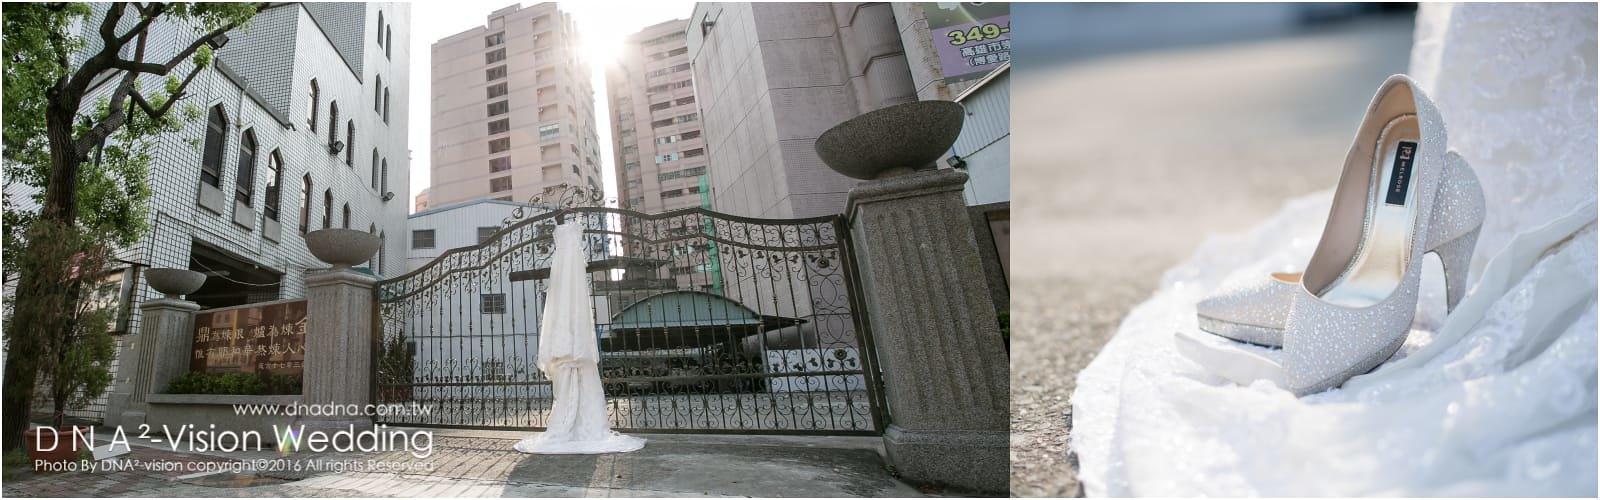 《婚攝cindy》jimmy&chu:高雄漢神巨蛋-1